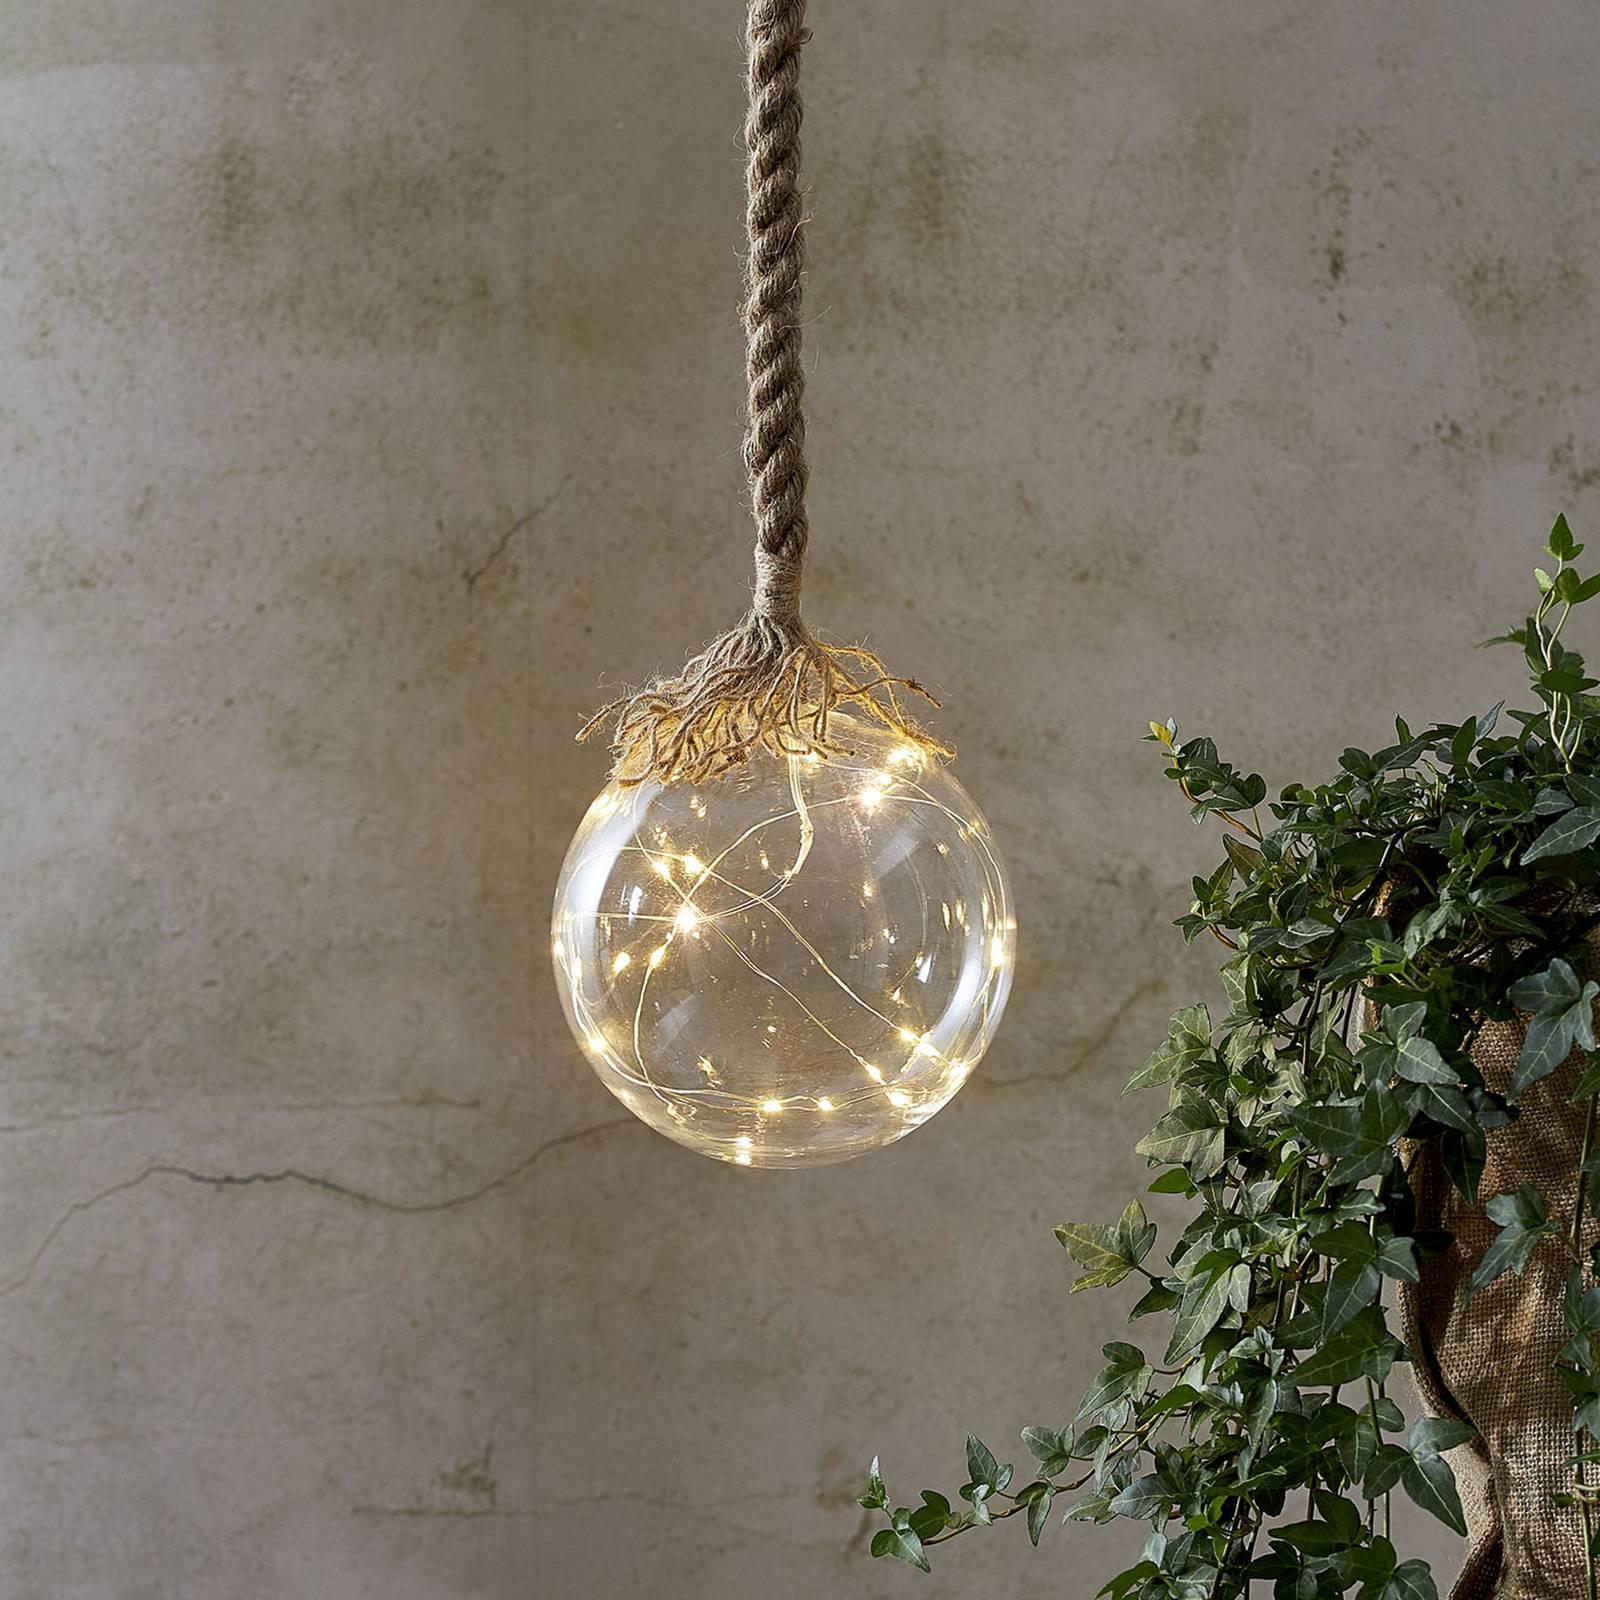 Jutta-LED-koristevalaisin, lasipallo Ø 15 cm